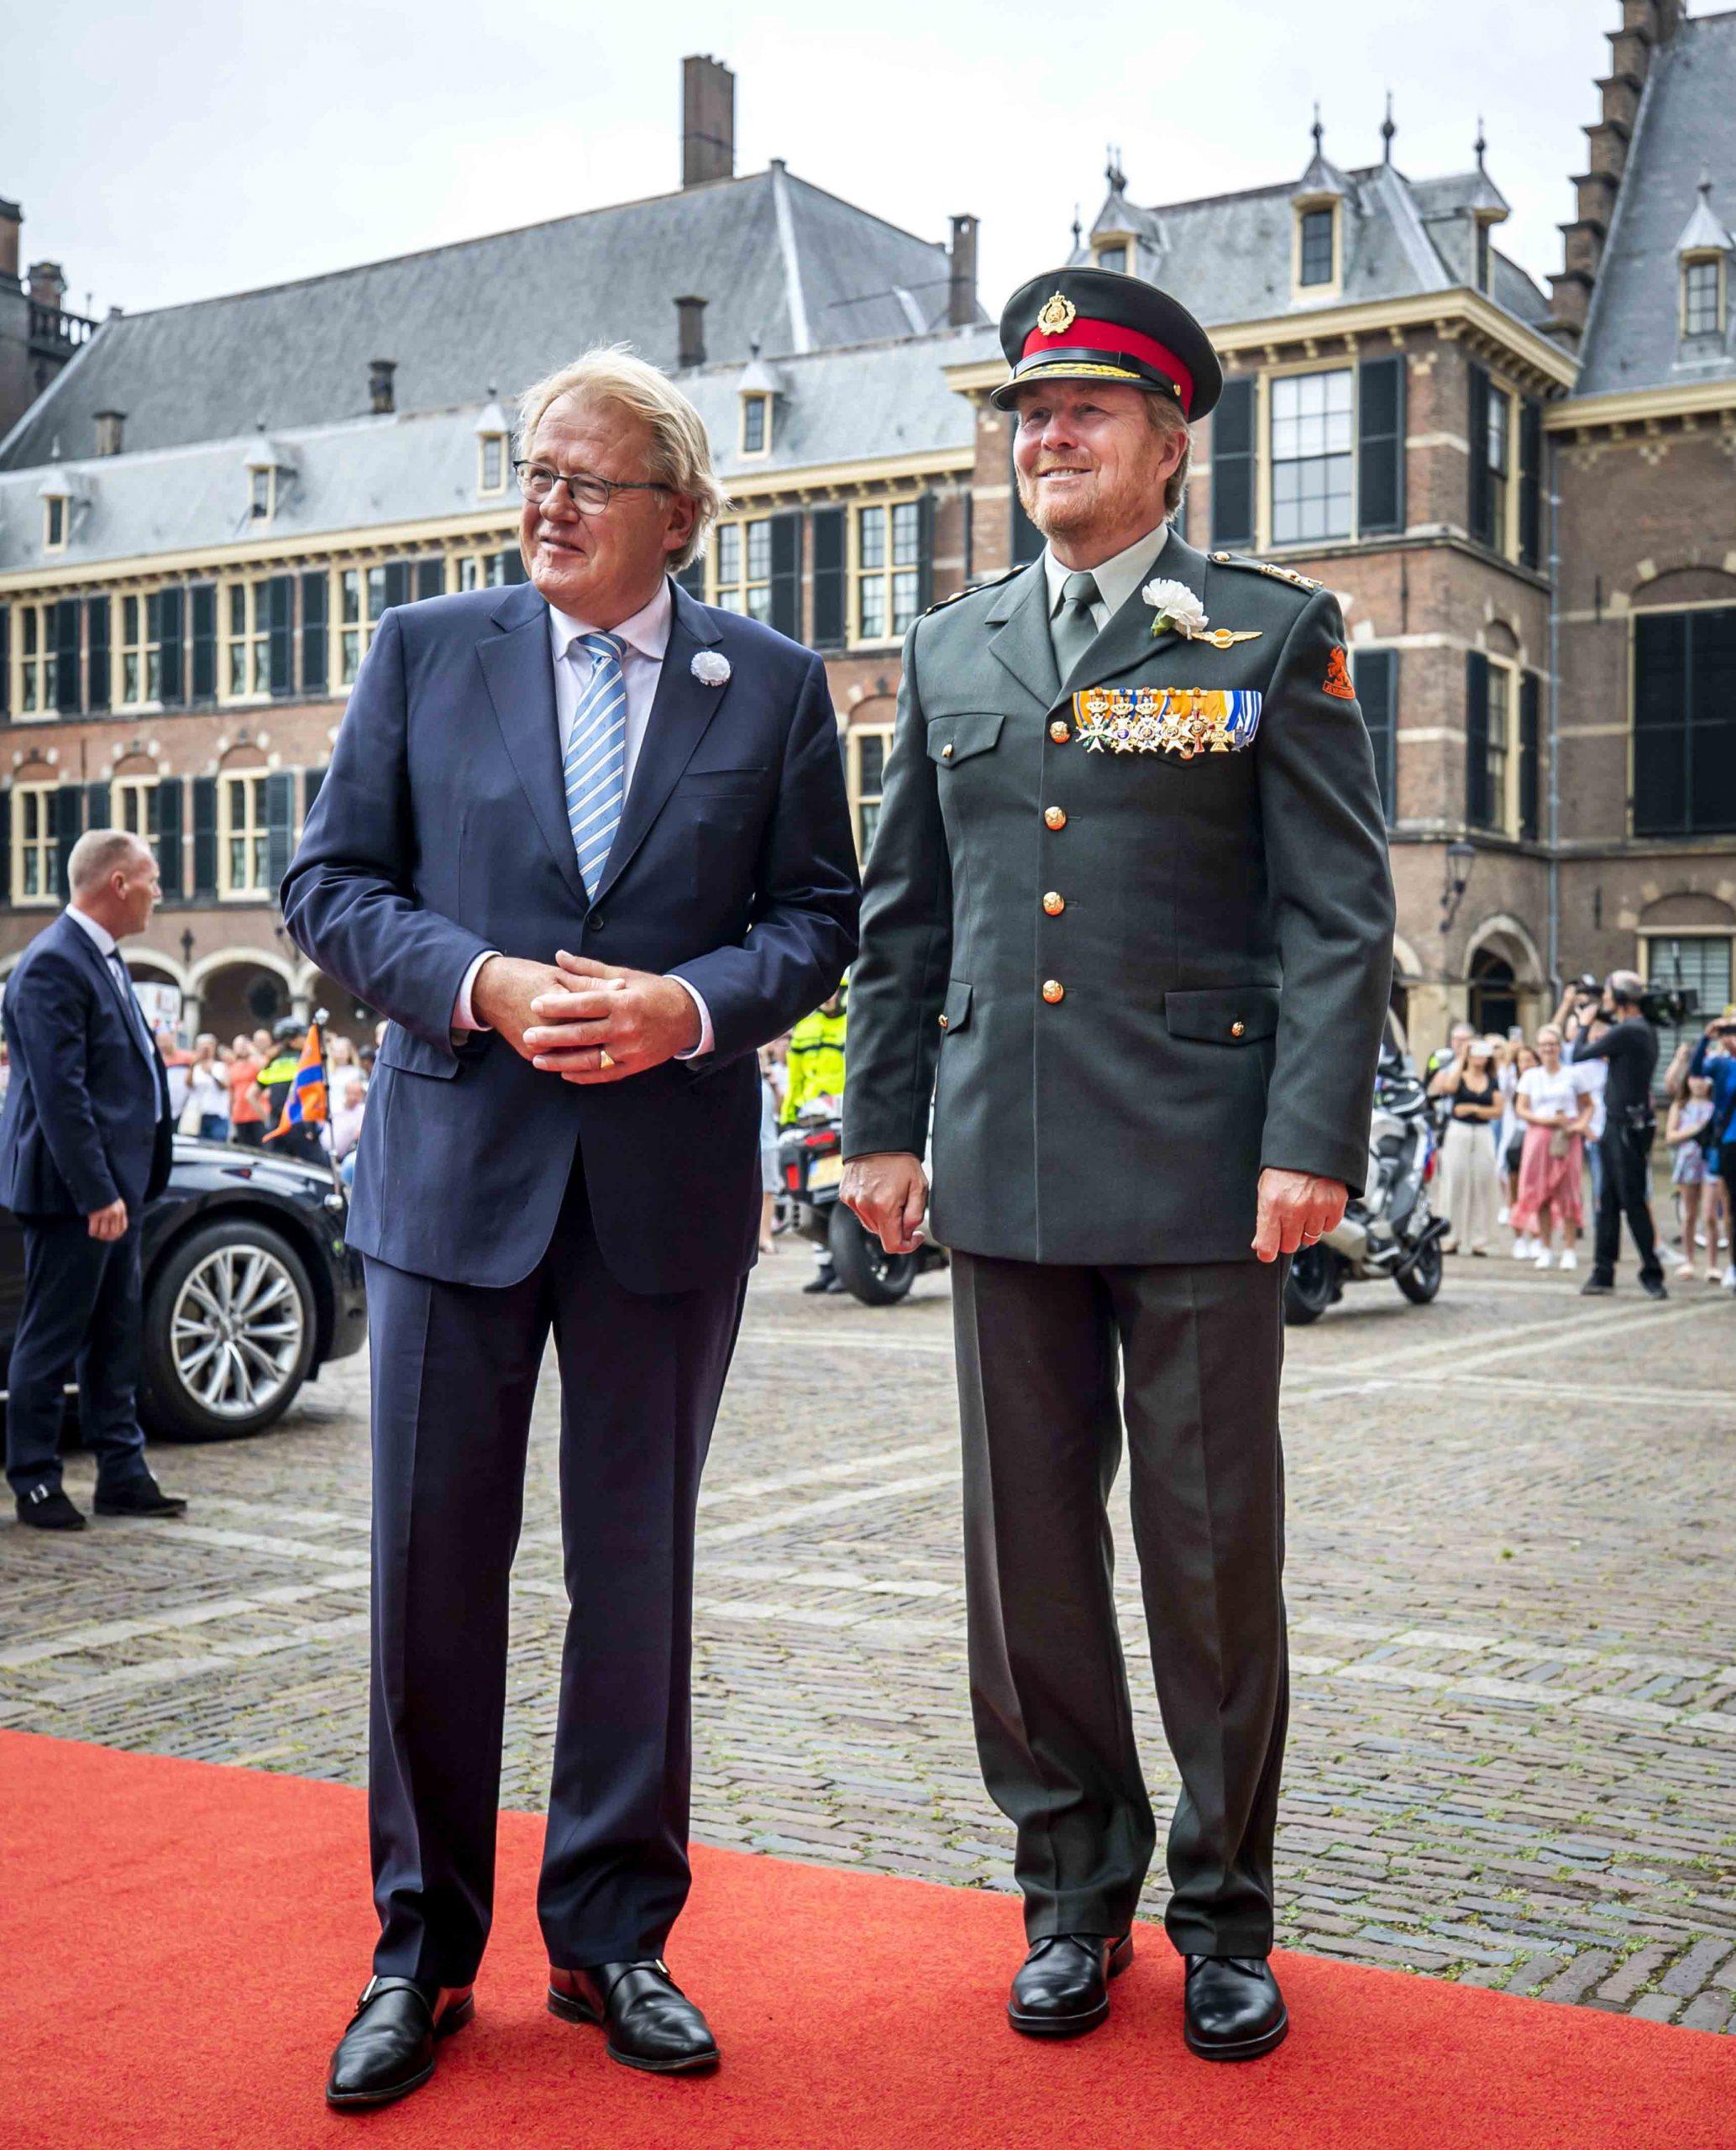 koning willem alexander aanwezig bij nederlandse veteranendag 2020